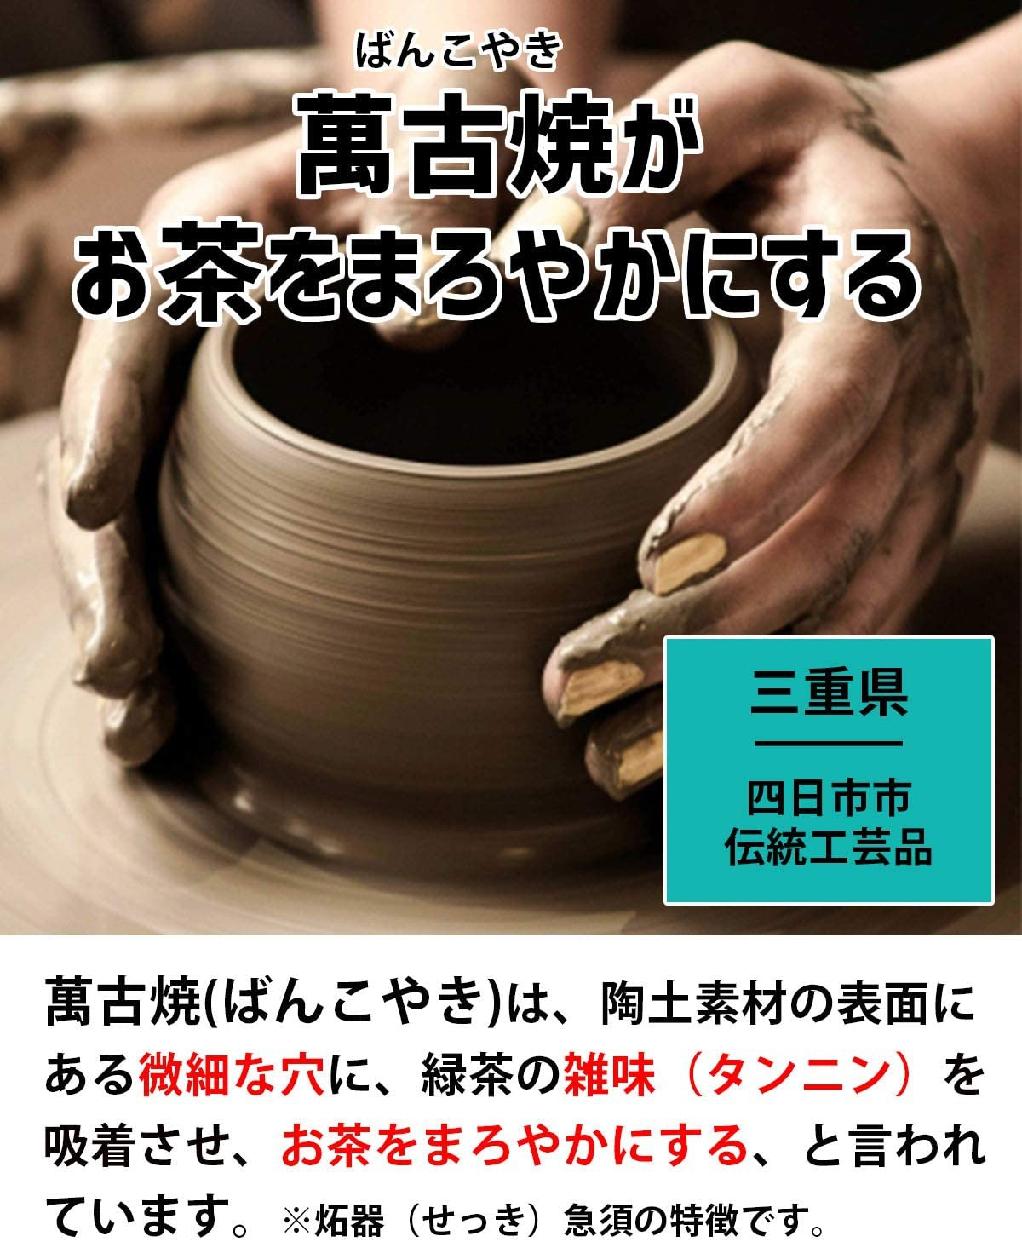 きつさこ 味がまろやかになる 湯キレ急須 萬古焼き 黒の商品画像6